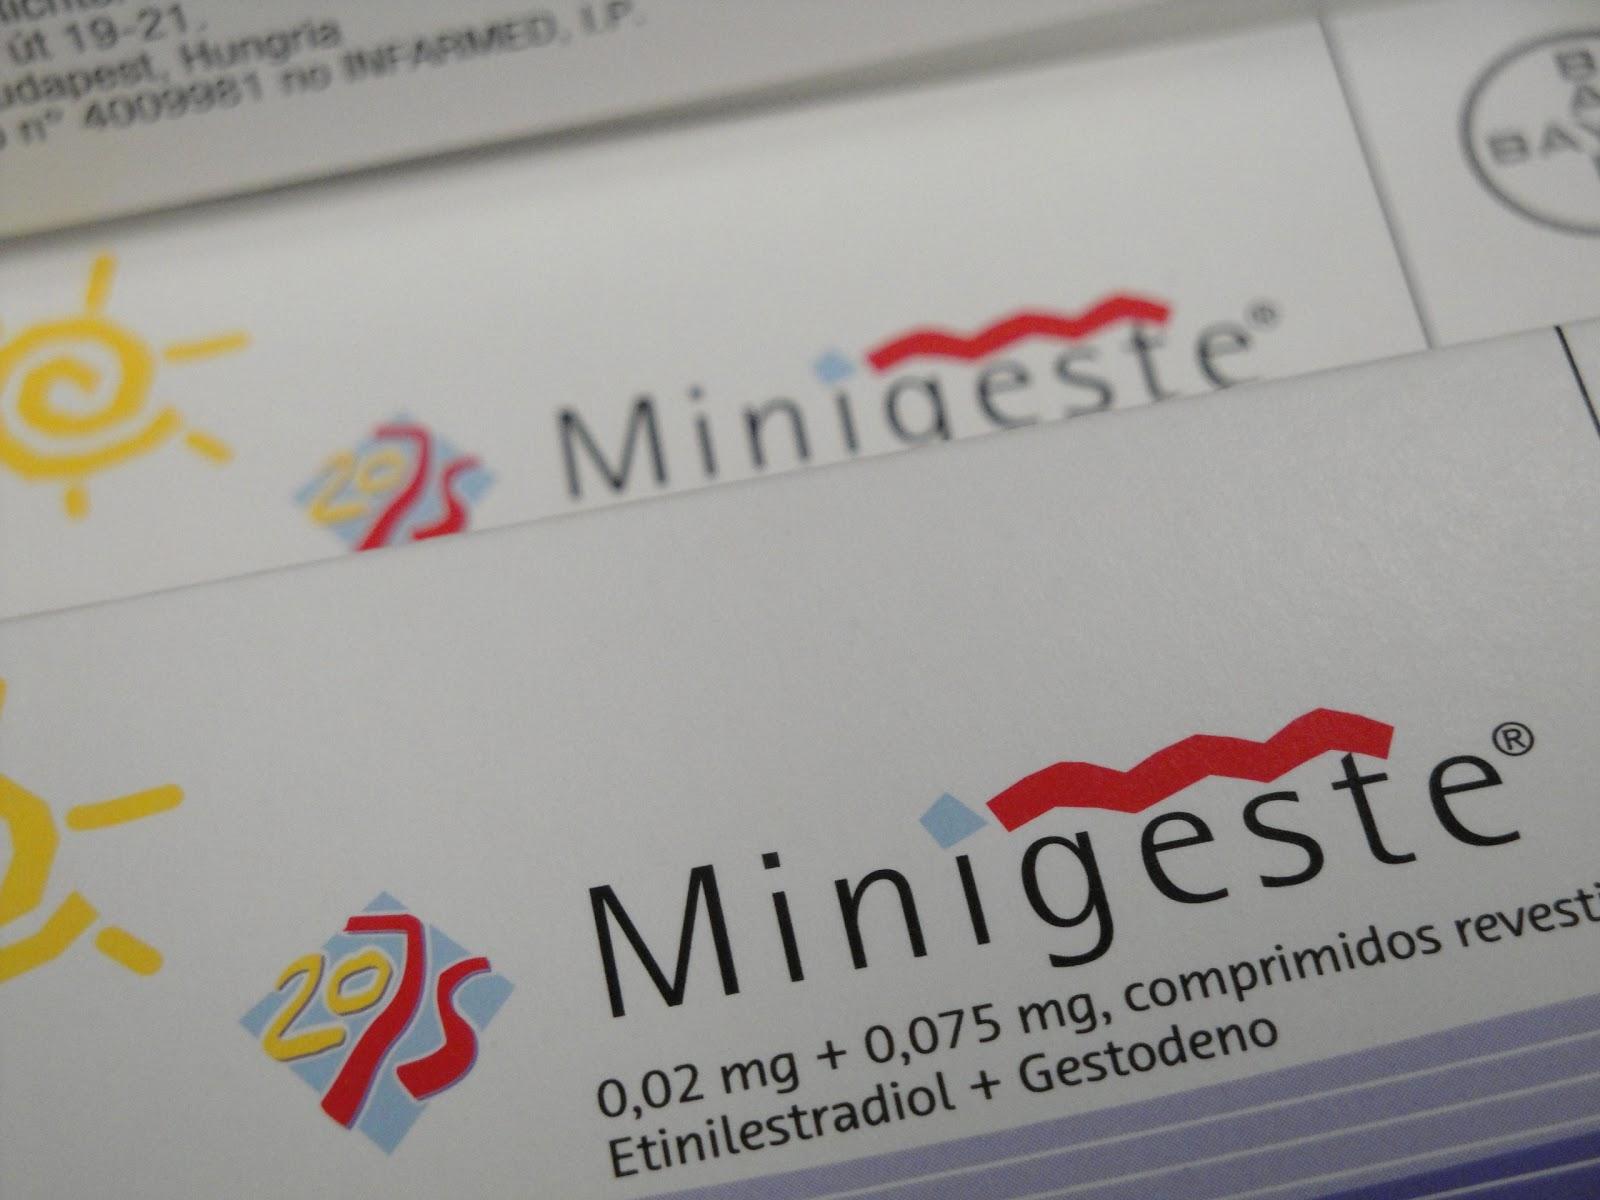 corrimento castanho pilula minigeste